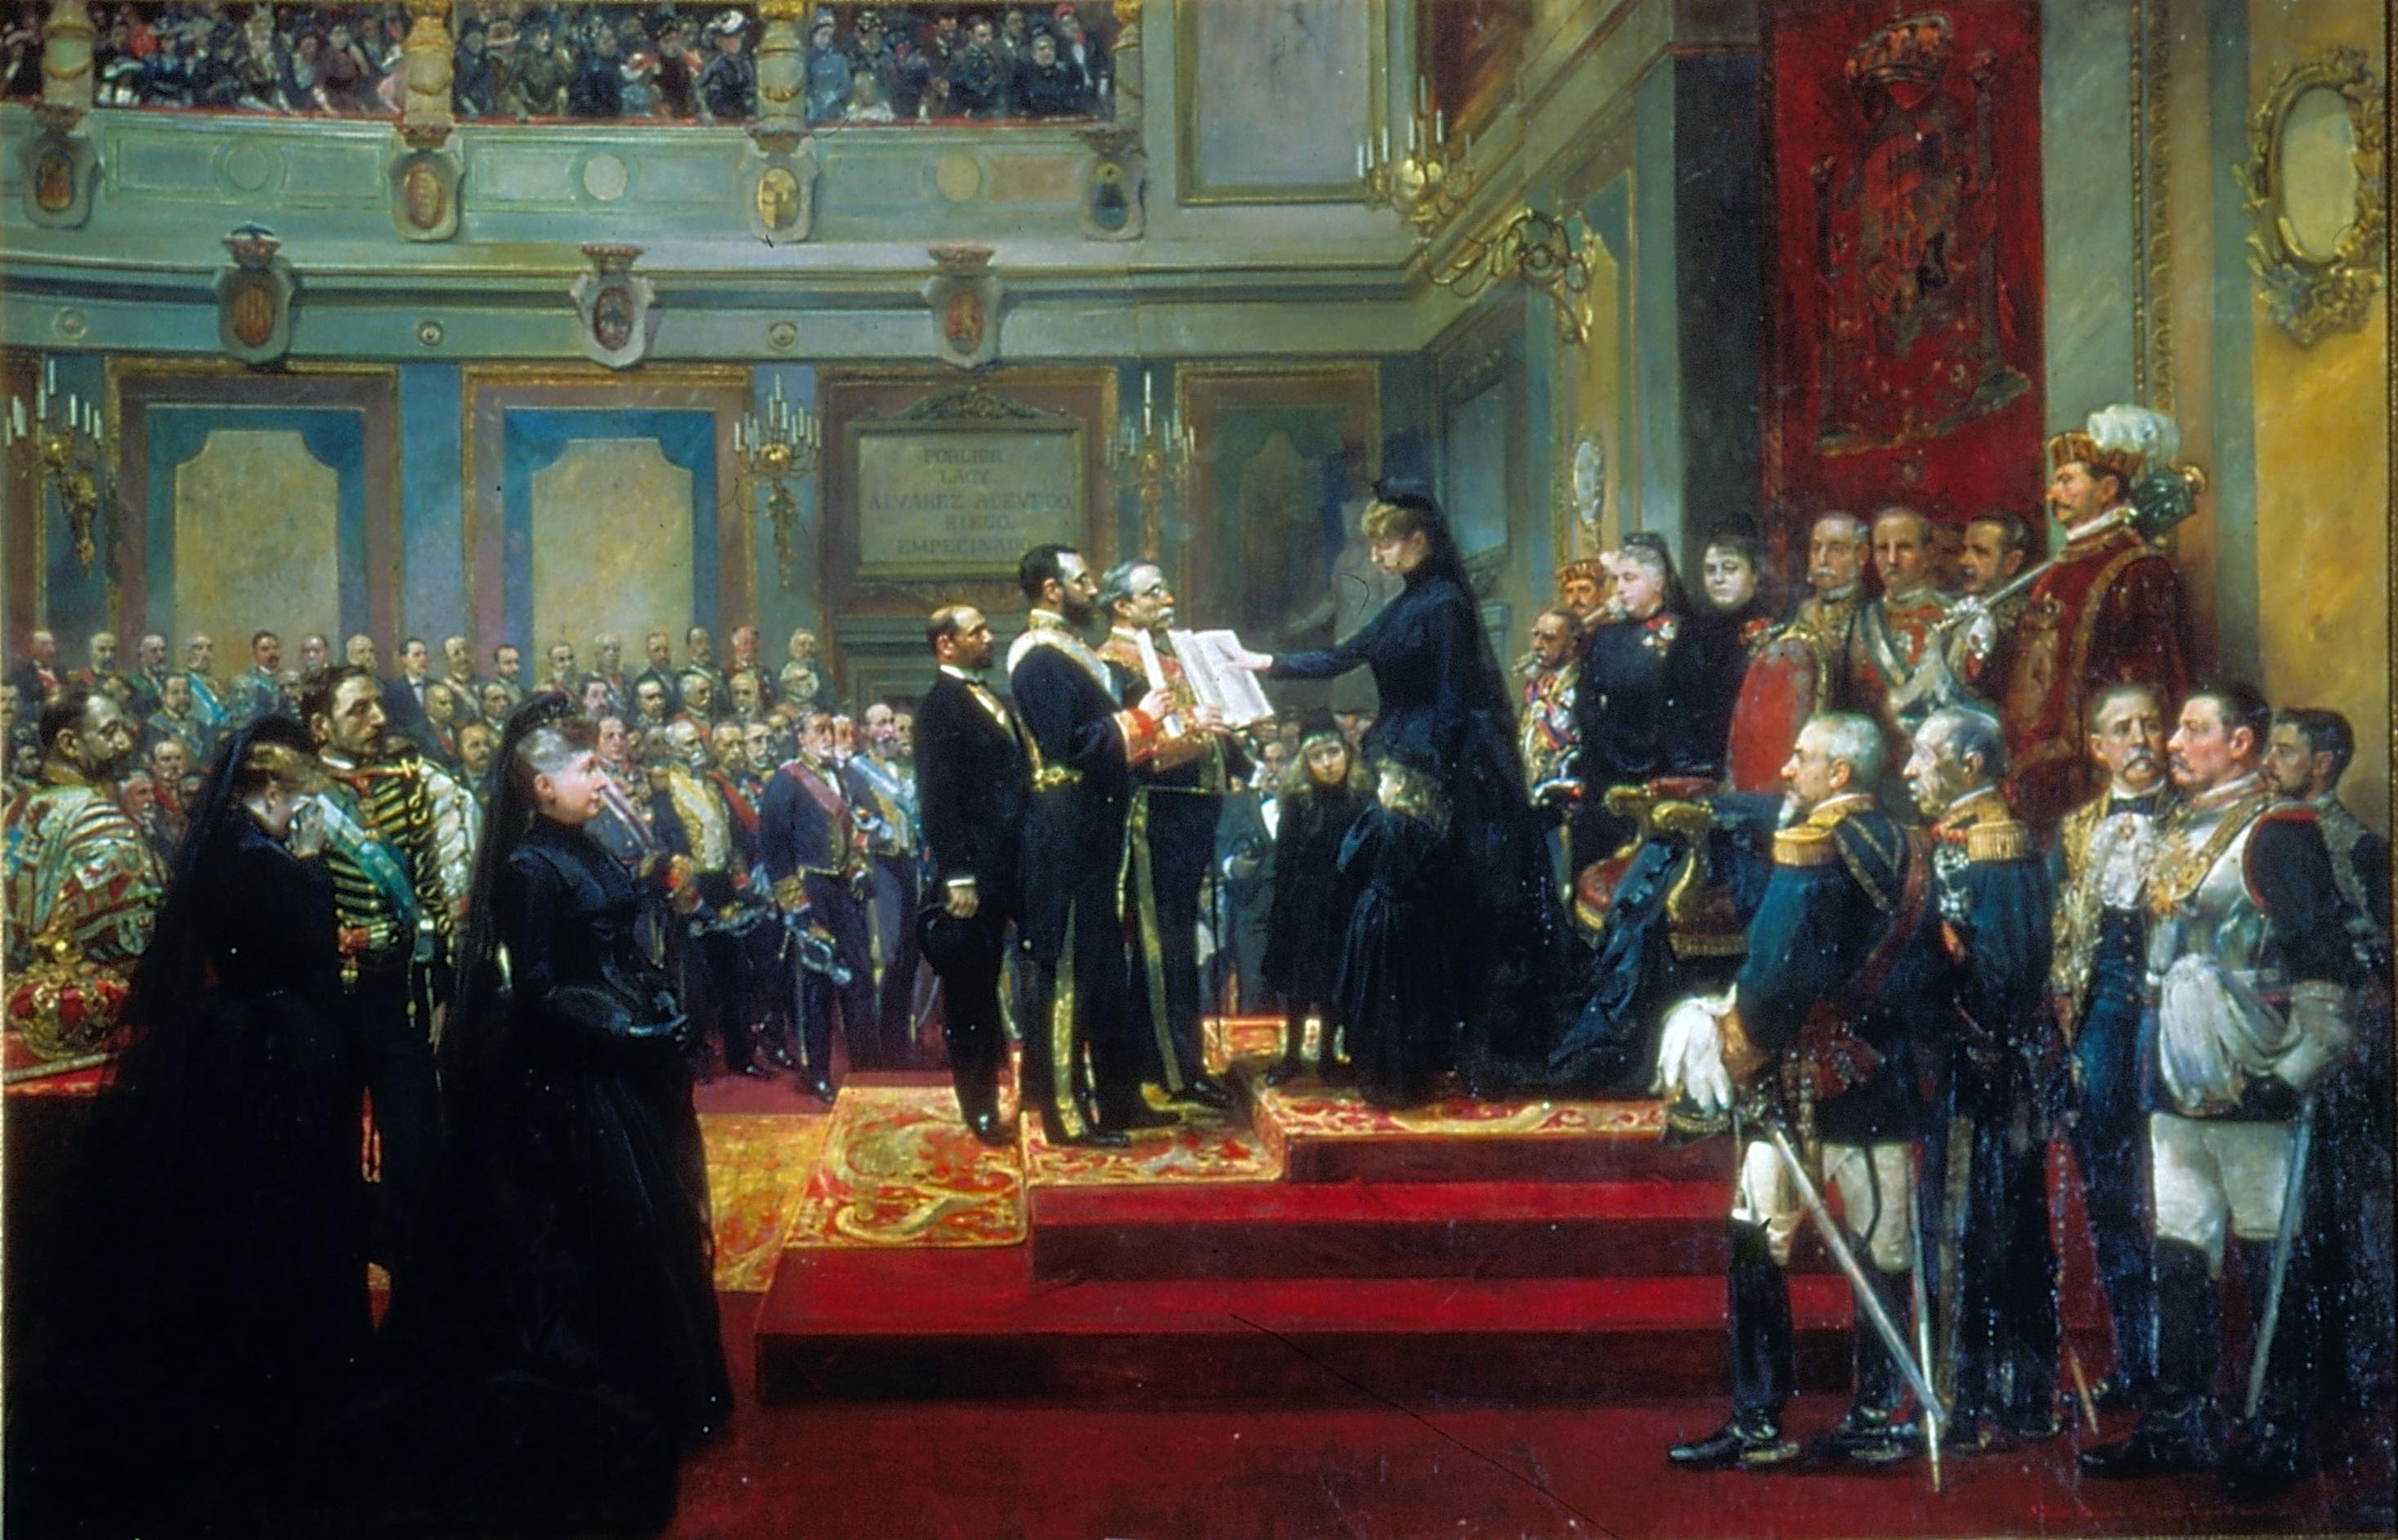 María Cristina jurando la Constitución ante las Cortes. Cuadro:  de Francisco Jover y Casanova y Joaquín Sorolla y Bastida